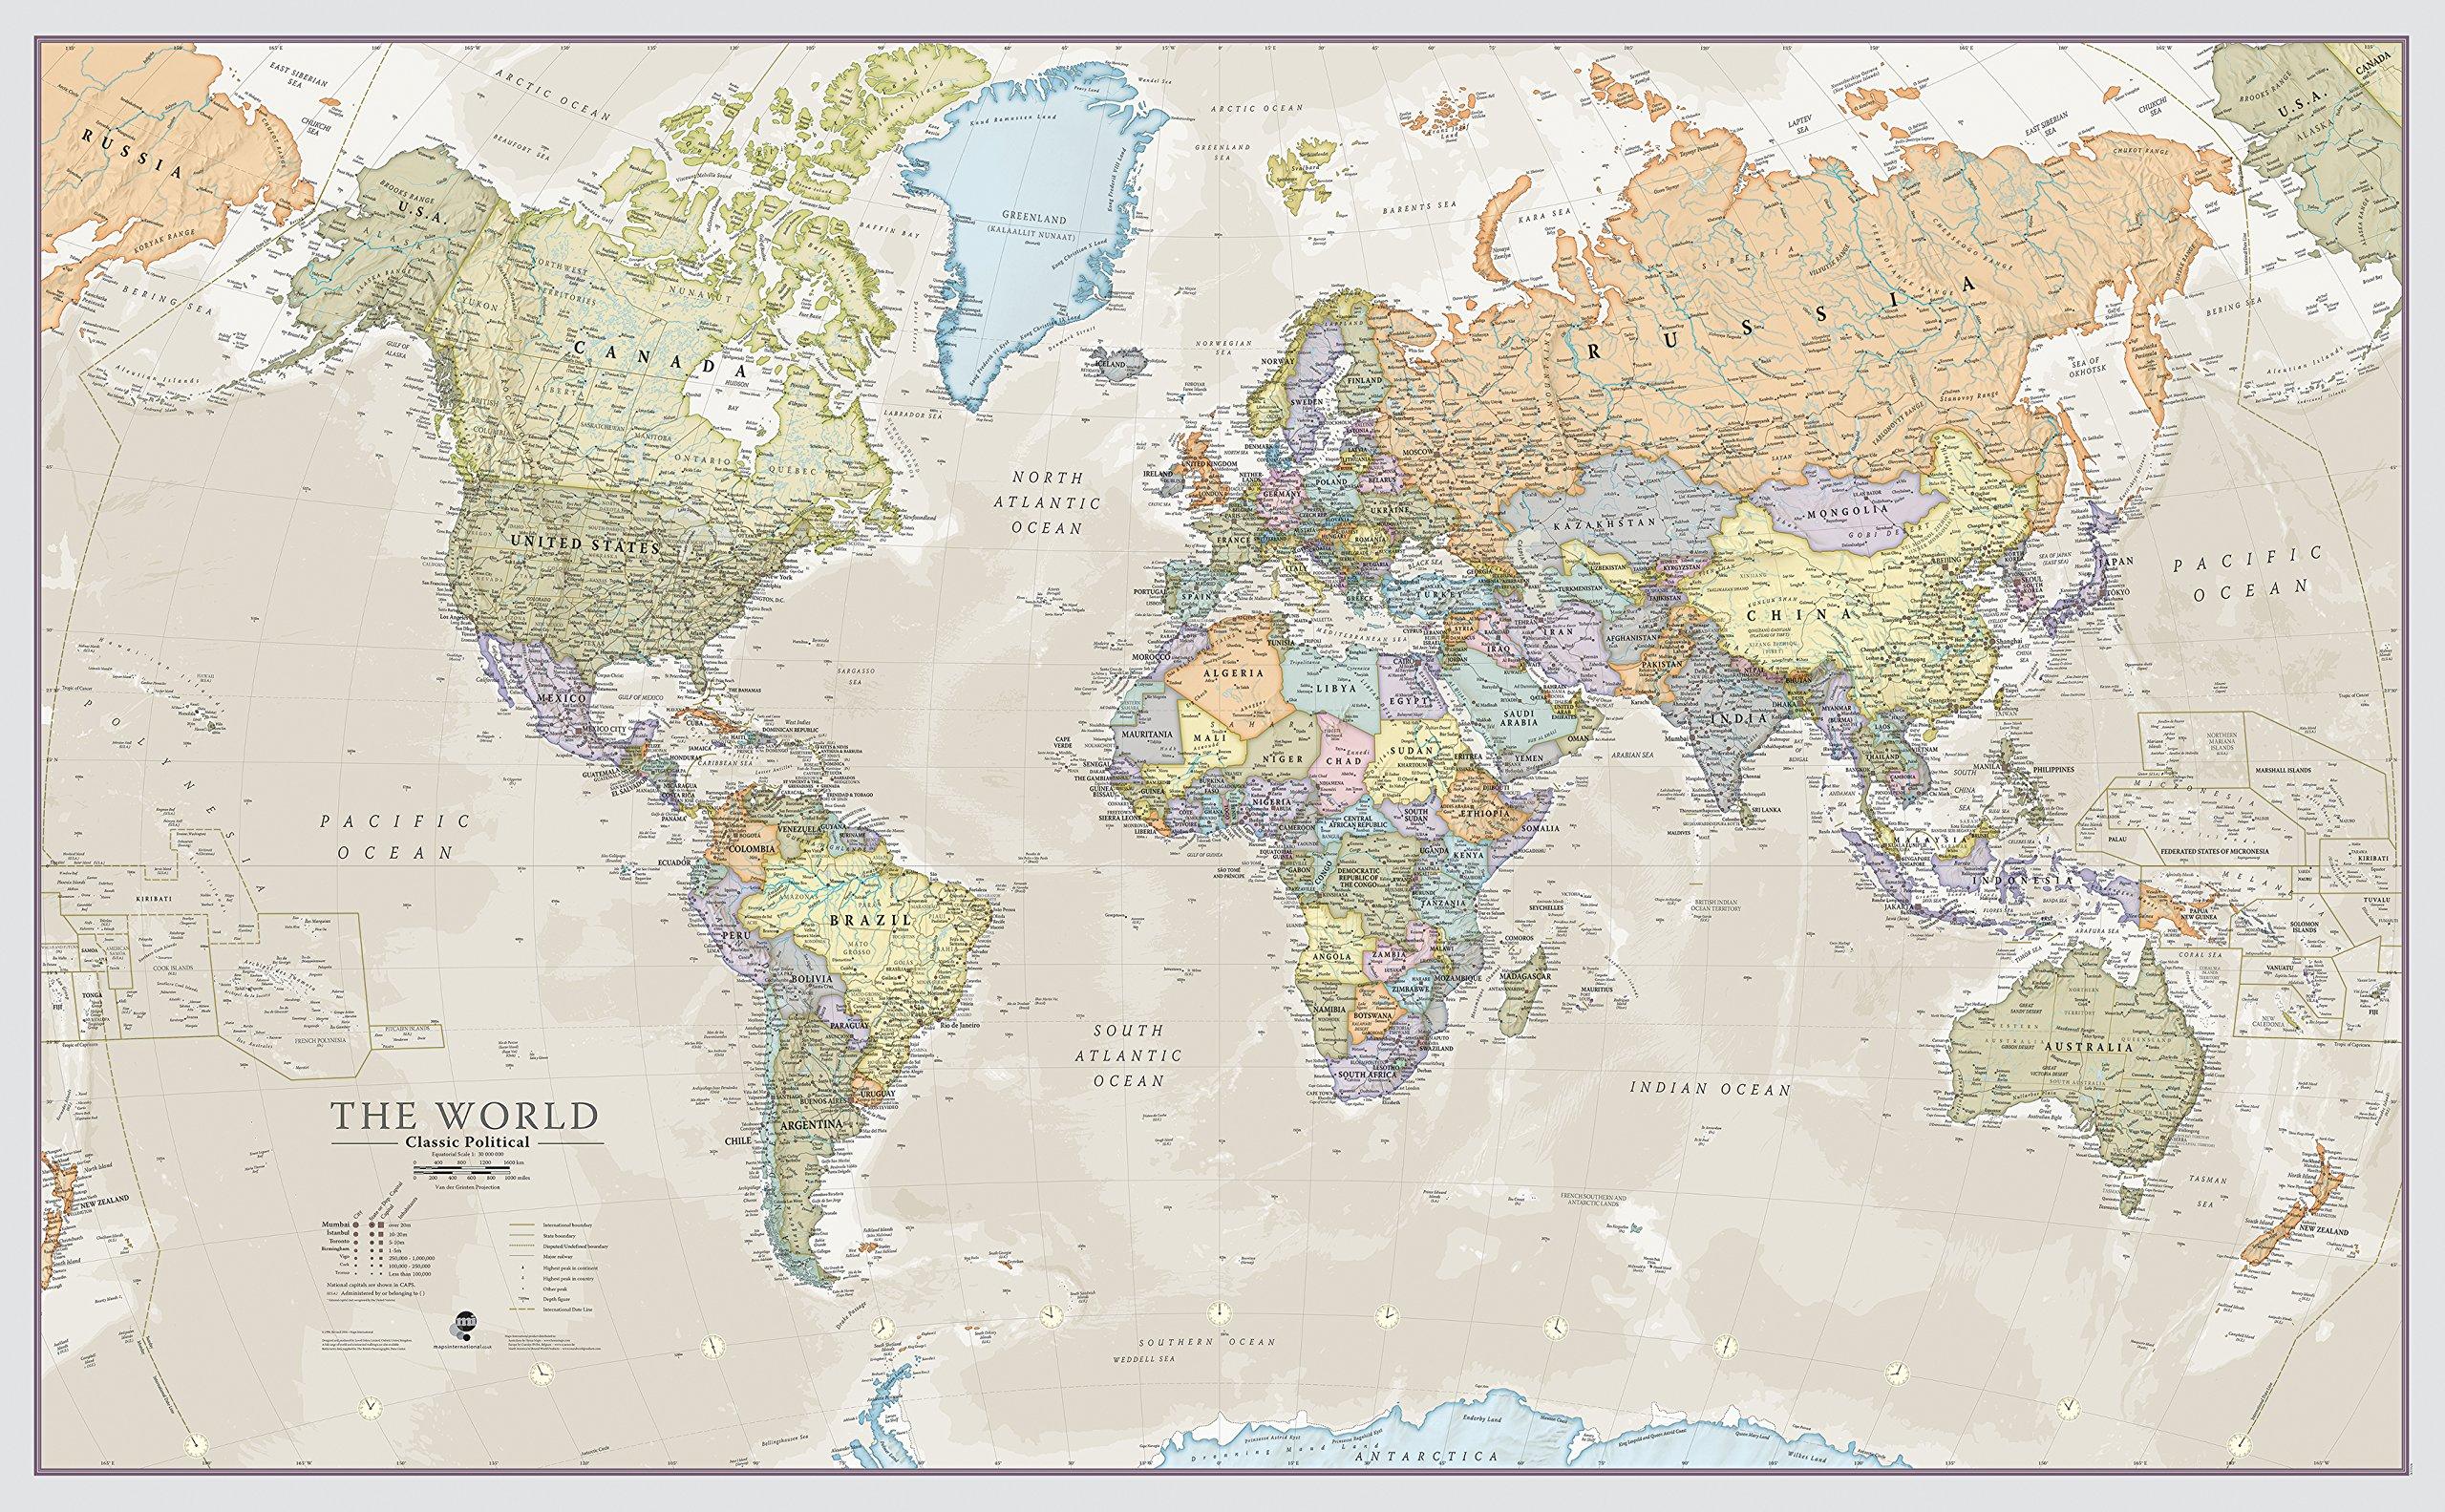 Mapa del mundo, plastificado, diseño Clásico - 197 x 116,5 cm product